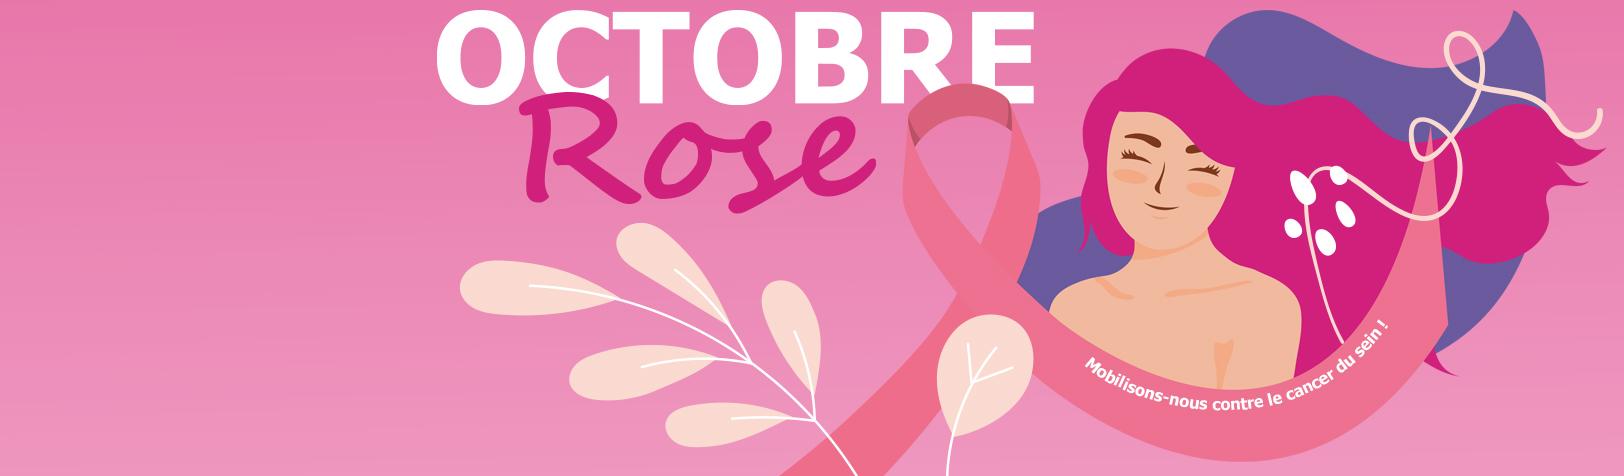 Octobre Rose: mobilisons-nous contre le cancer du sein!